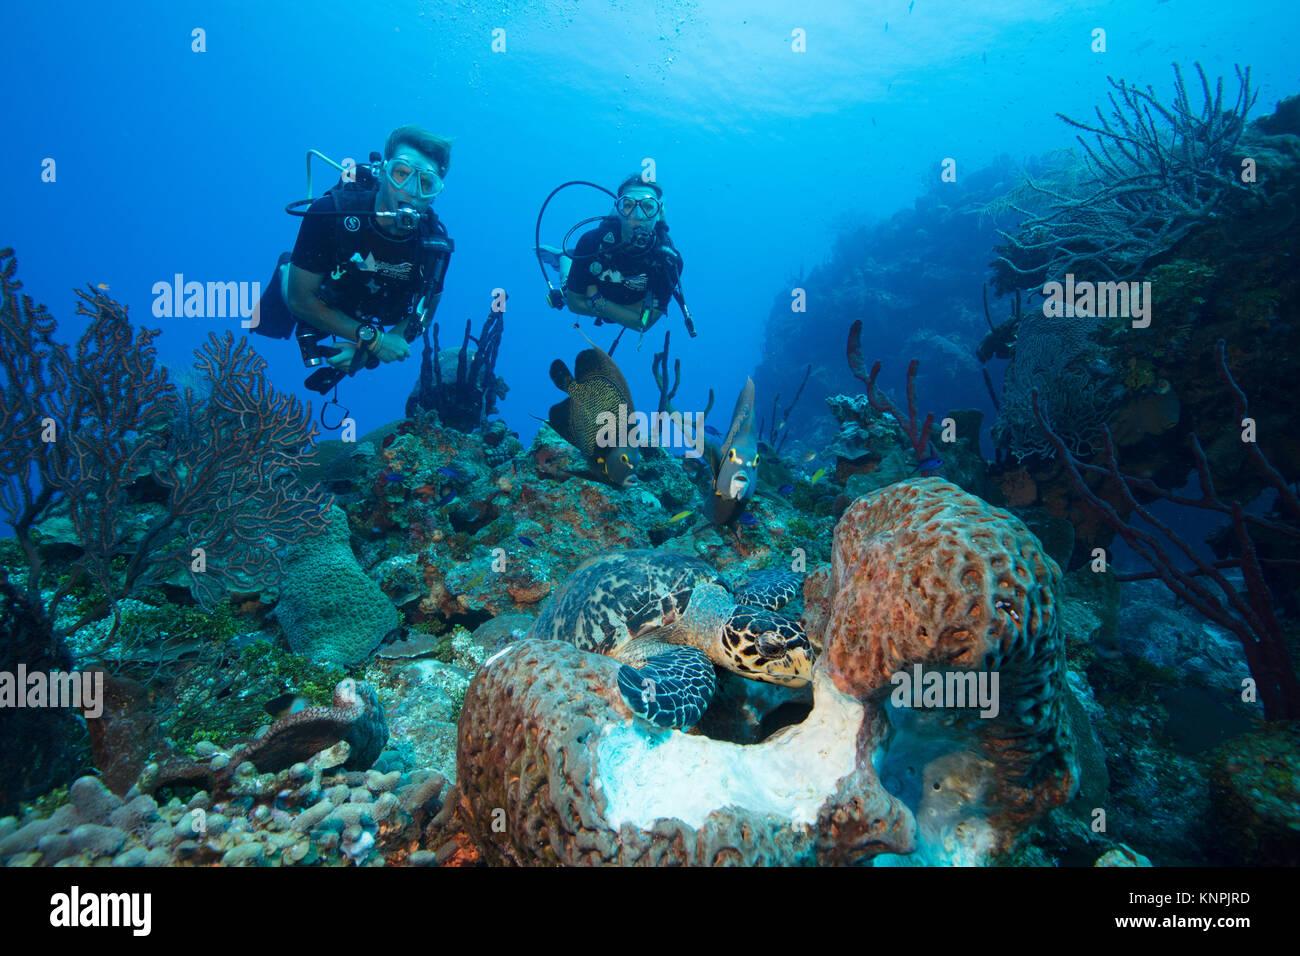 Regarder les plongeurs l'interaction de différentes espèces de la vie marine qu'ils ont accès à la même source de nourriture. Banque D'Images